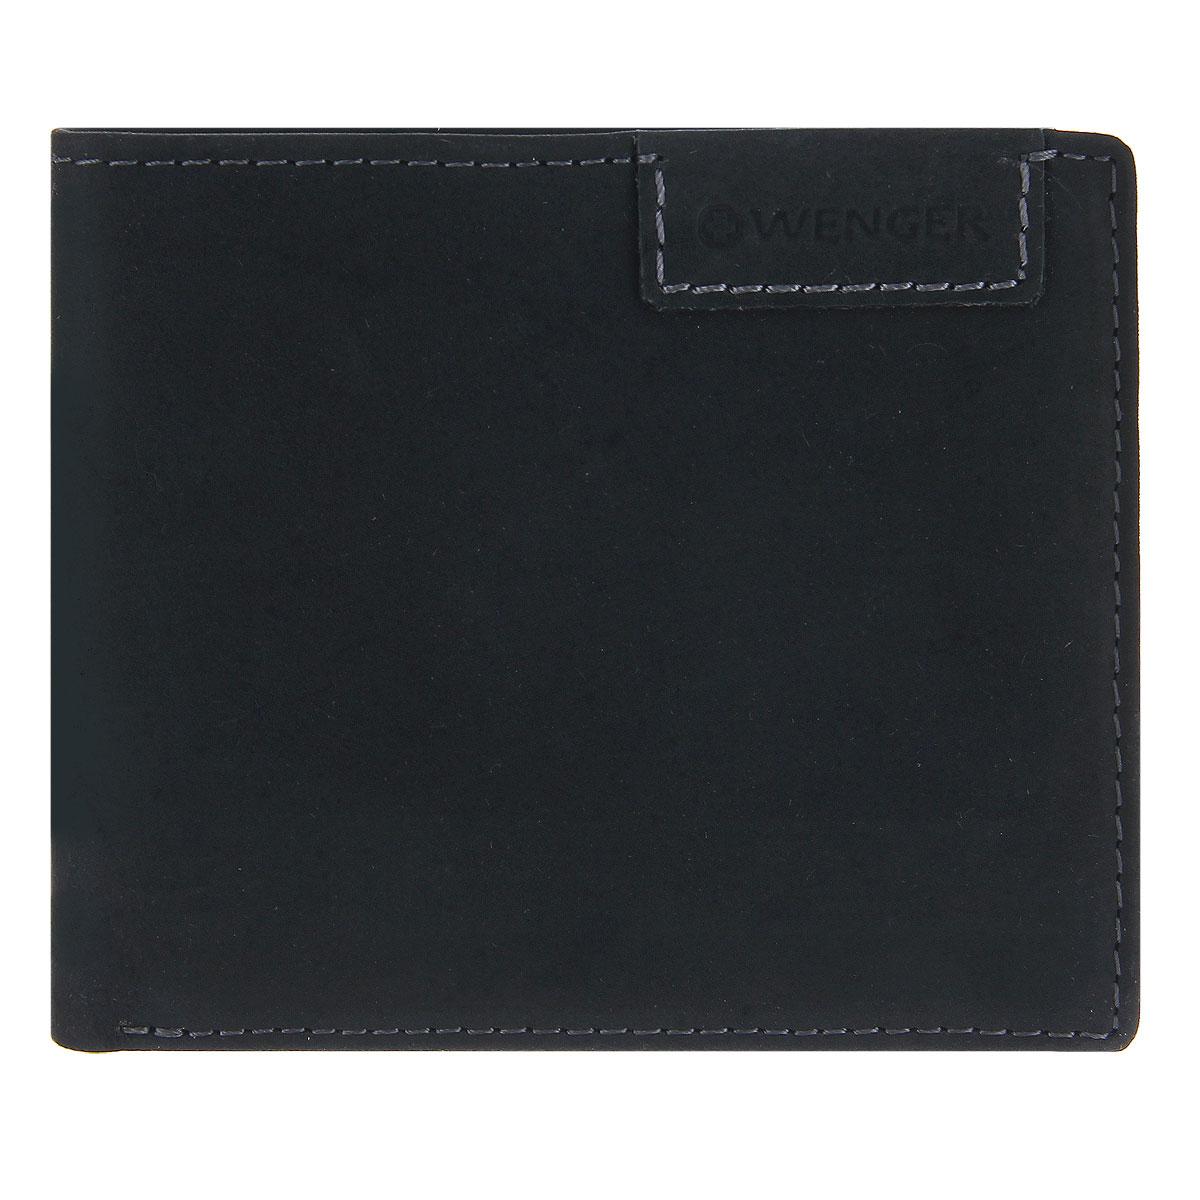 Портмоне мужское Wenger, цвет: черный. W11-11BP-001 BKСтильное мужское портмоне Wenger изготовлено из натурального нубука и оформлено декоративной прострочкой, а также тиснениями в виде логотипа и названия бренда на лицевой стороне. Внутри - одно отделение для купюр, отсек для мелочи на замке-кнопке, два боковых кармана и четыре прорези для визиток и кредитных карт, а также перекидной блок (с сетчатым карманом для фото, четырьмя прорезями и одним боковым карманом). Изюминкой модели является съемный блок из мягкого прозрачного пластика на пять визиток.Портмоне упаковано в изысканную фирменную коробку.Модное портмоне Wenger не оставит равнодушным истинного ценителя прекрасного.По всем вопросам гарантийного и постгарантийного обслуживания рюкзаков, чемоданов, спортивных и кожаных сумок, а также портмоне марок Wenger и SwissGear вы можете обратиться в сервис-центр, расположенный по адресу: г. Москва, Саввинская набережная, д.3. Тел: (495) 788-39-96, (499) 248-56-56, ежедневно с 9:00 до 21:00. Подробные условия гарантийного обслуживания приведены в гарантийном талоне, поставляемым в комплекте с каждым изделием. Бесплатный ремонт изделий производится при условии предоставления гарантийного талона и товарного/кассового чека, подтверждающего дату покупки.